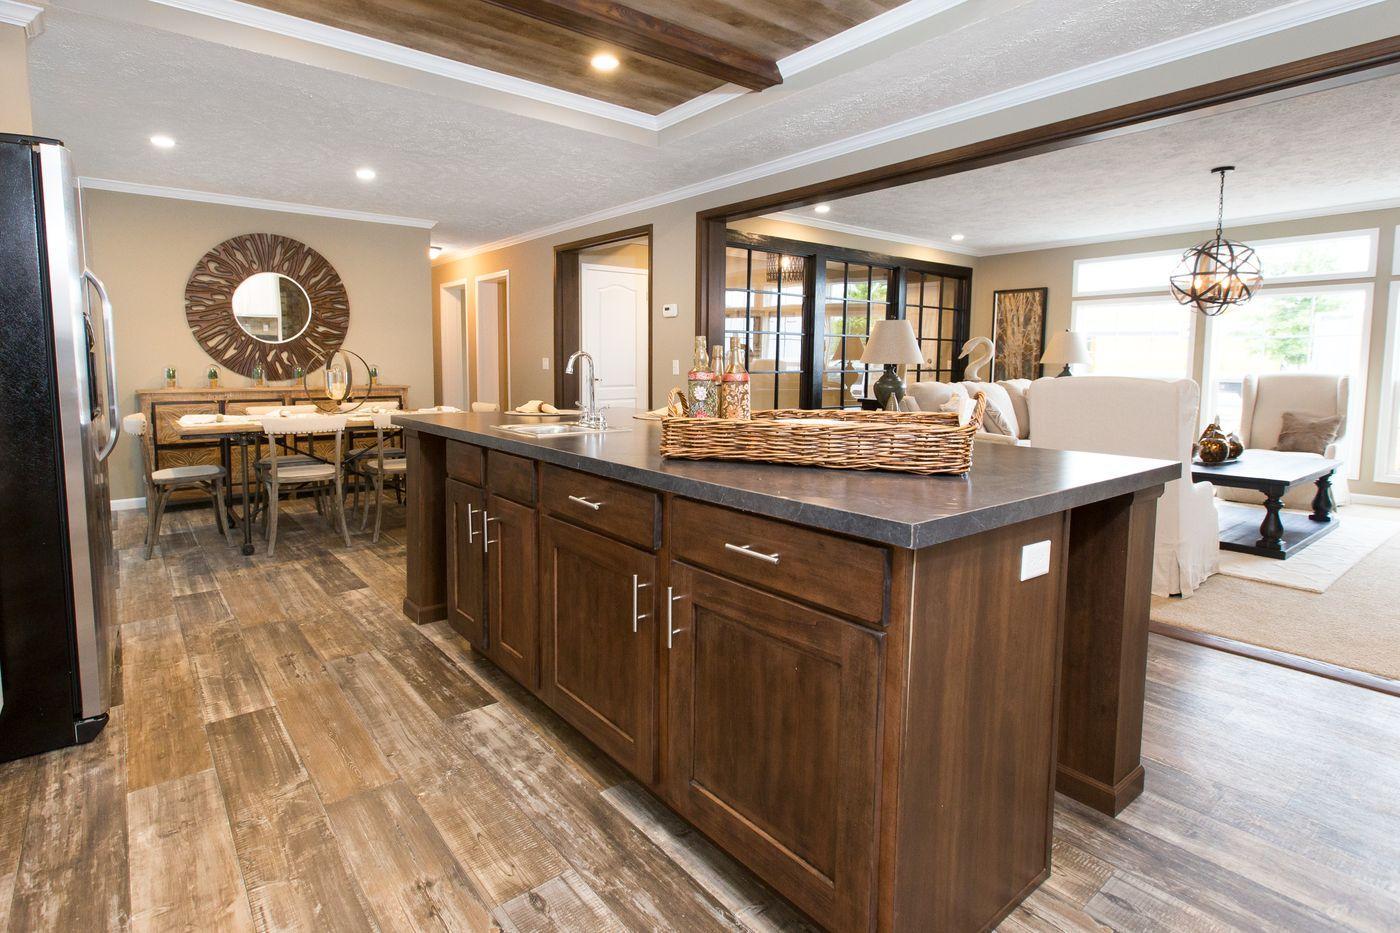 The Churchill Kitchen